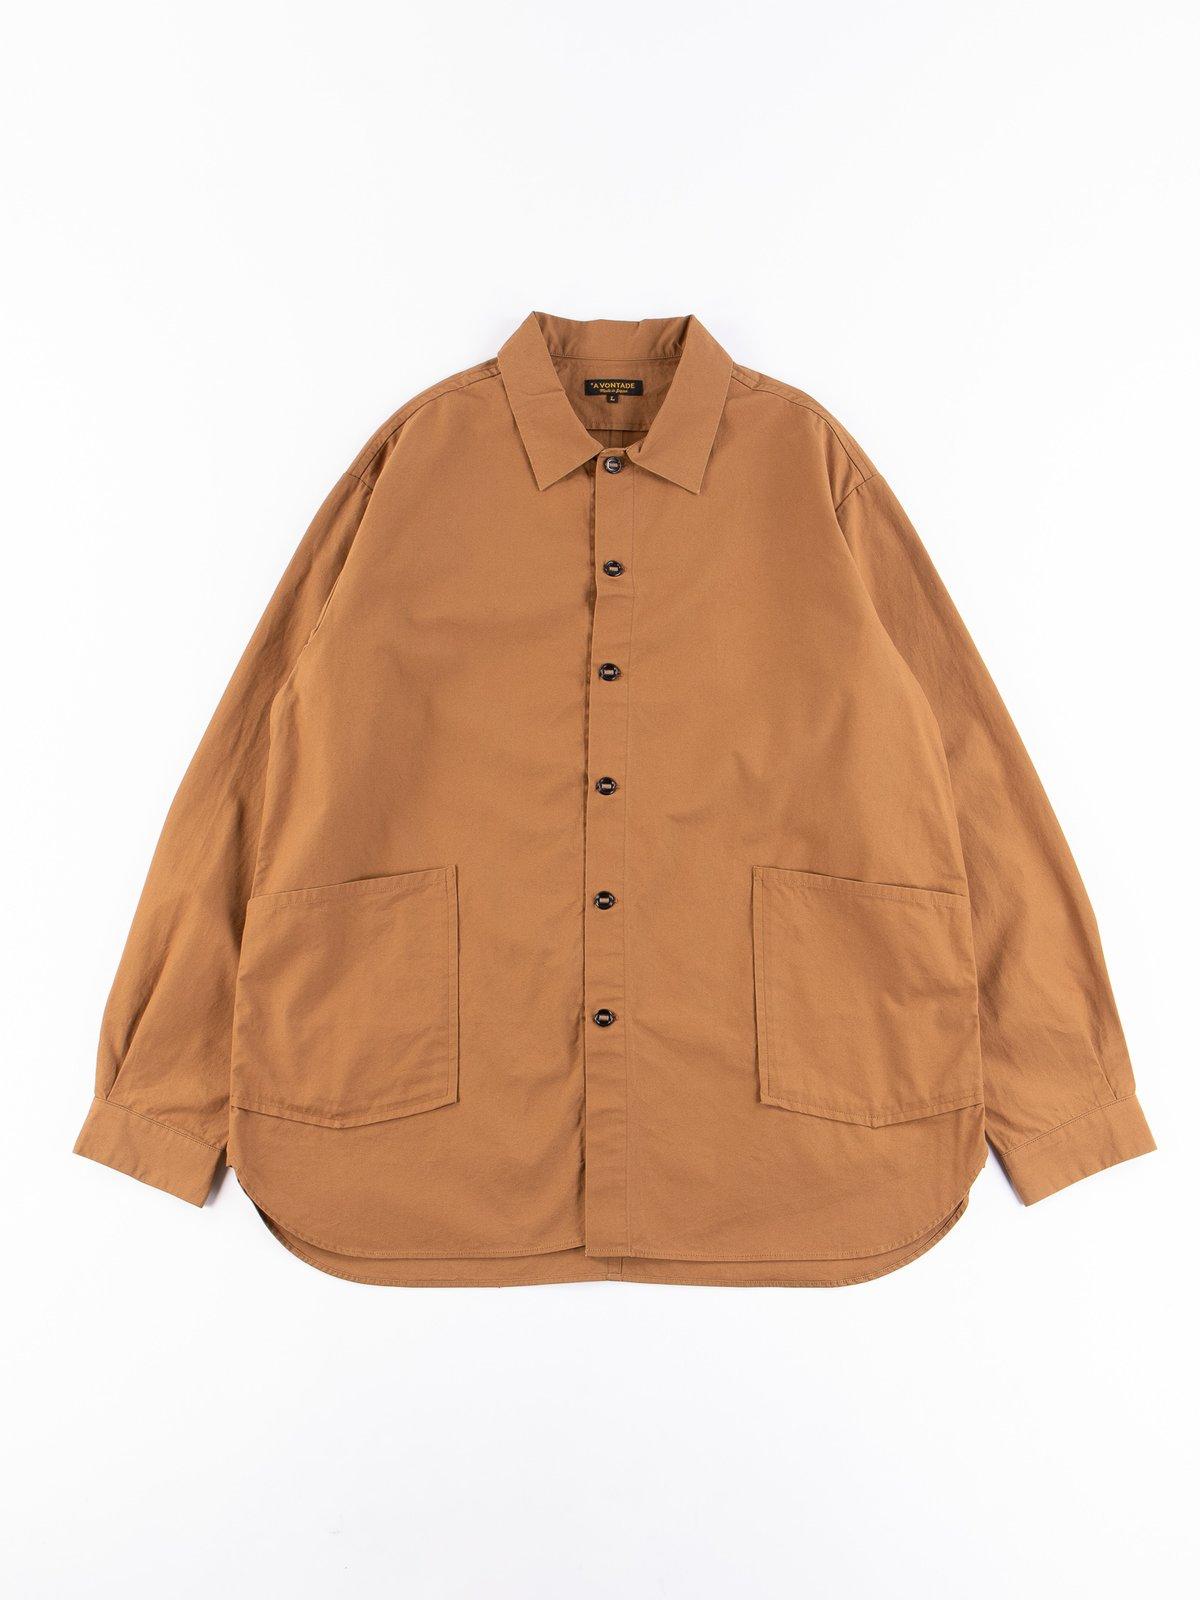 Tan Gardener Oxford Shirt Jacket - Image 1